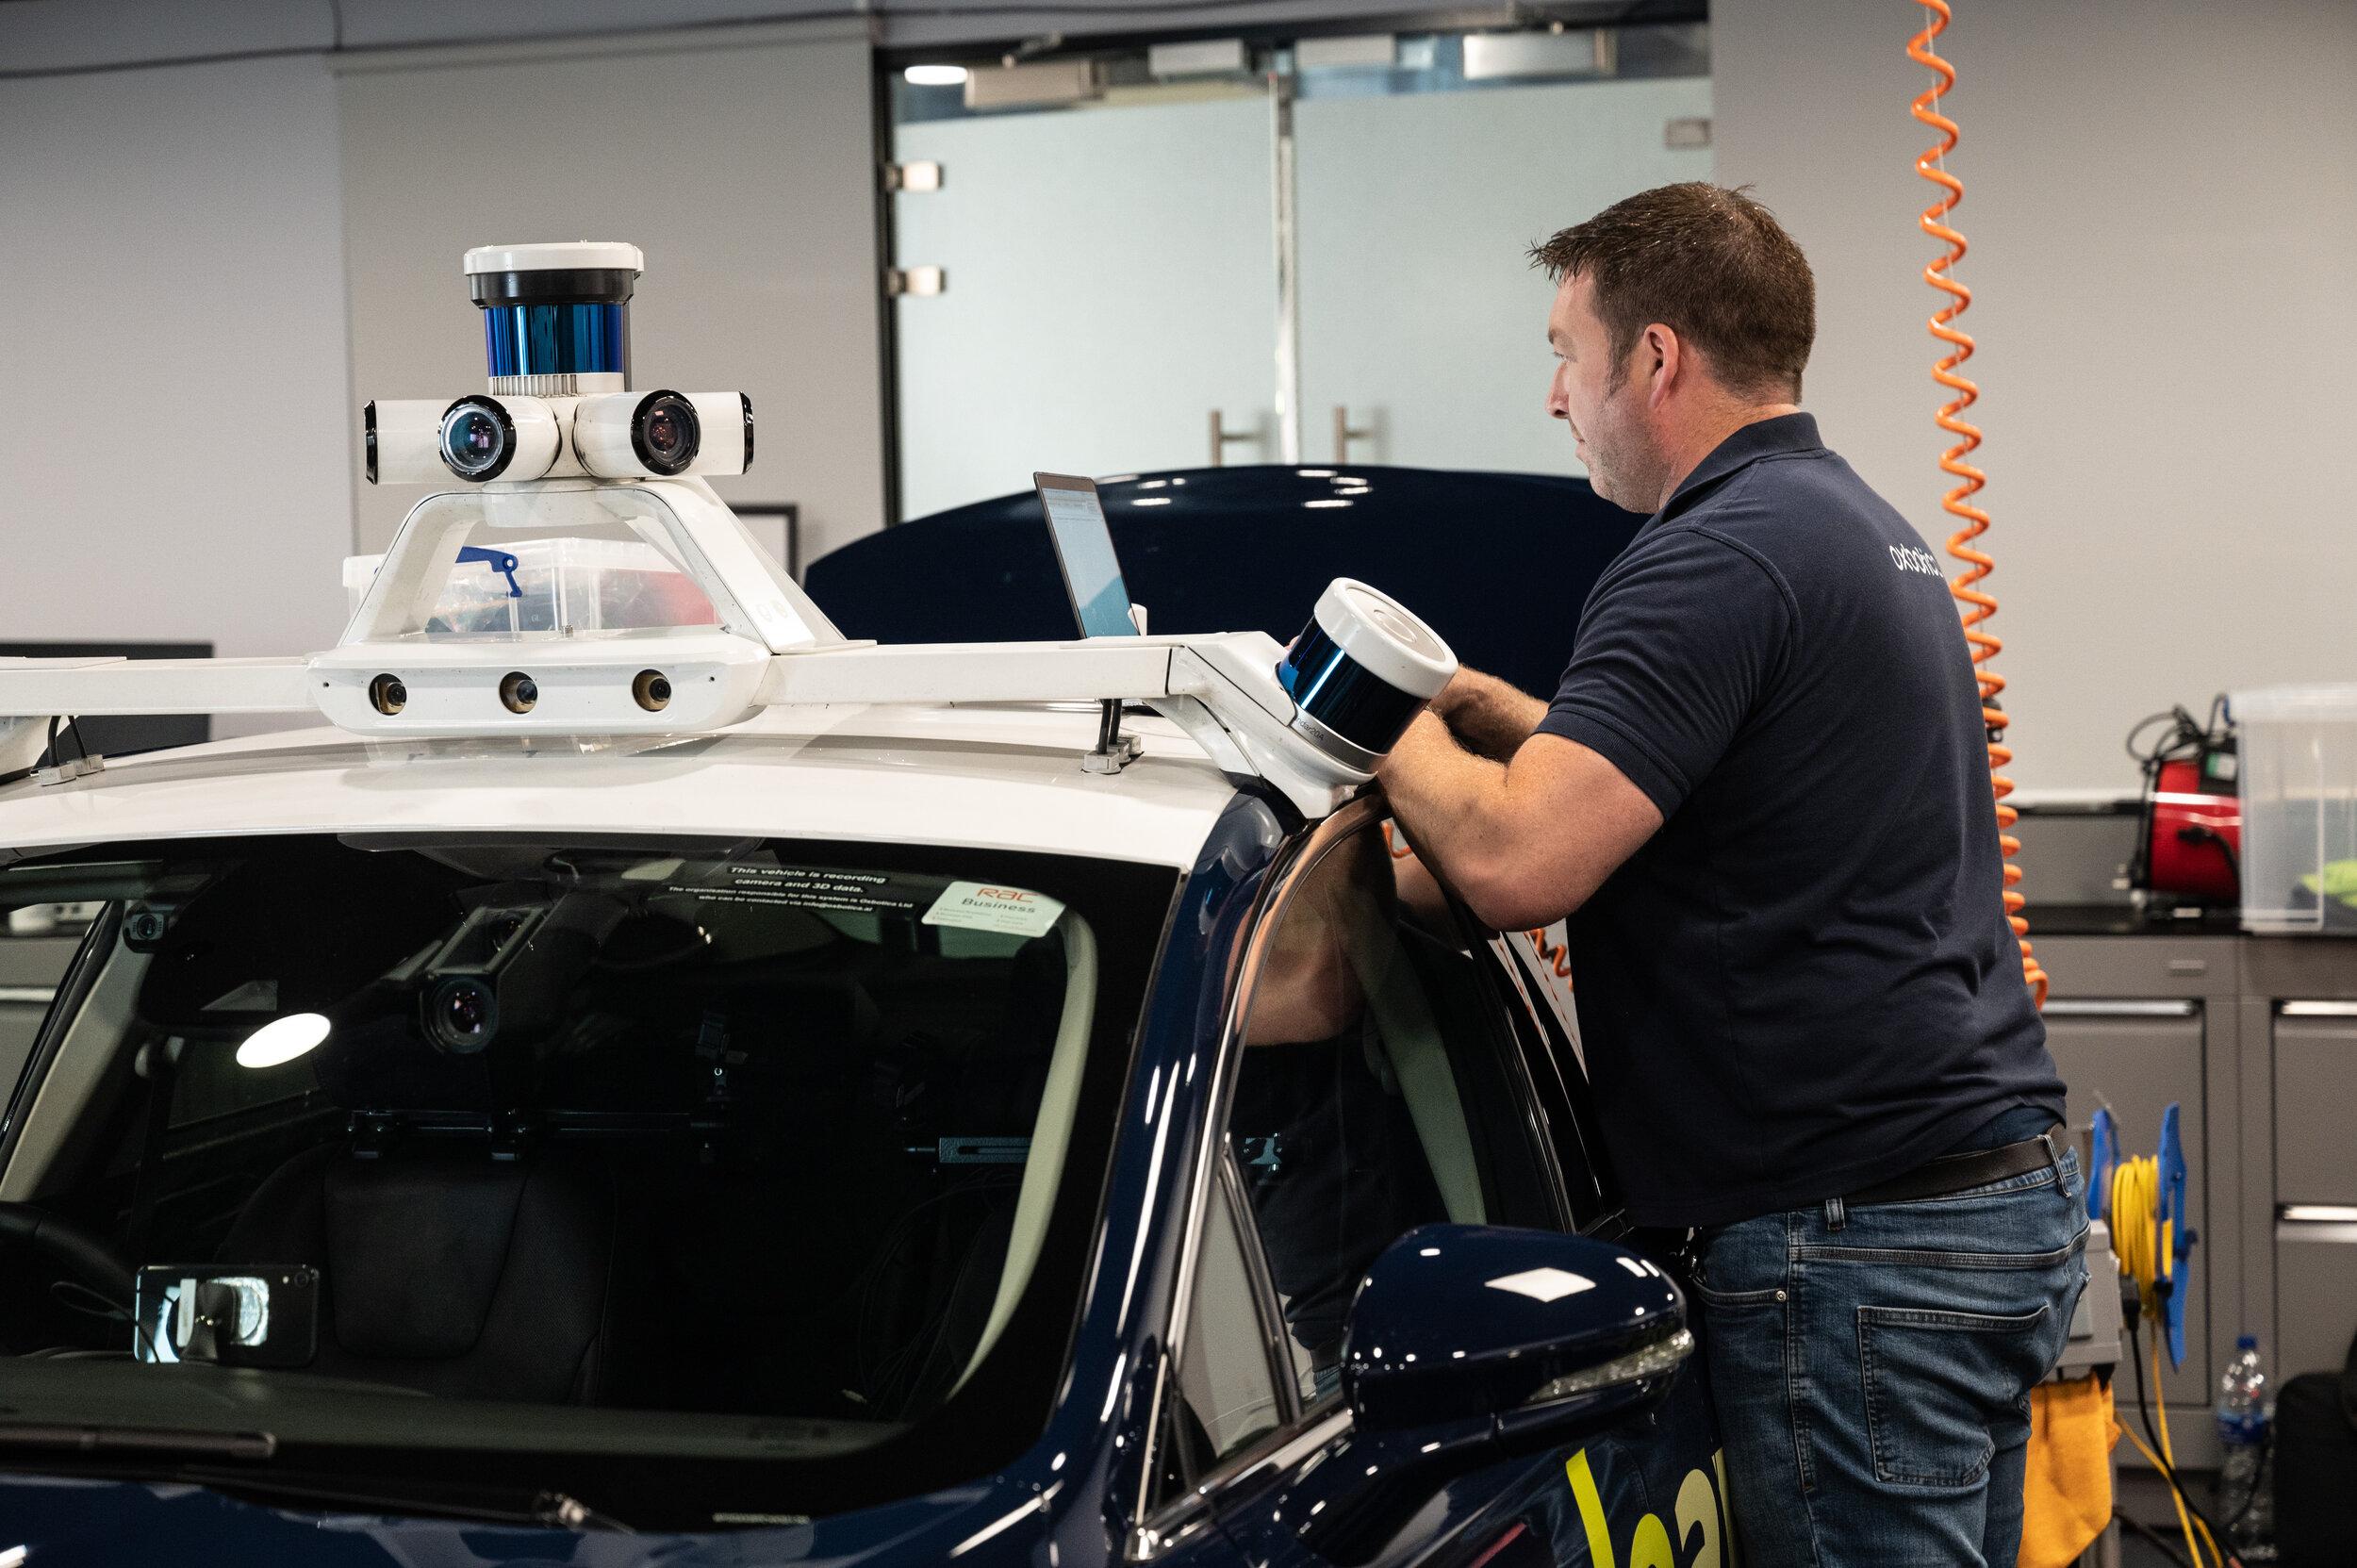 Project Endeavour concludes multi city demonstration of autonomous ...